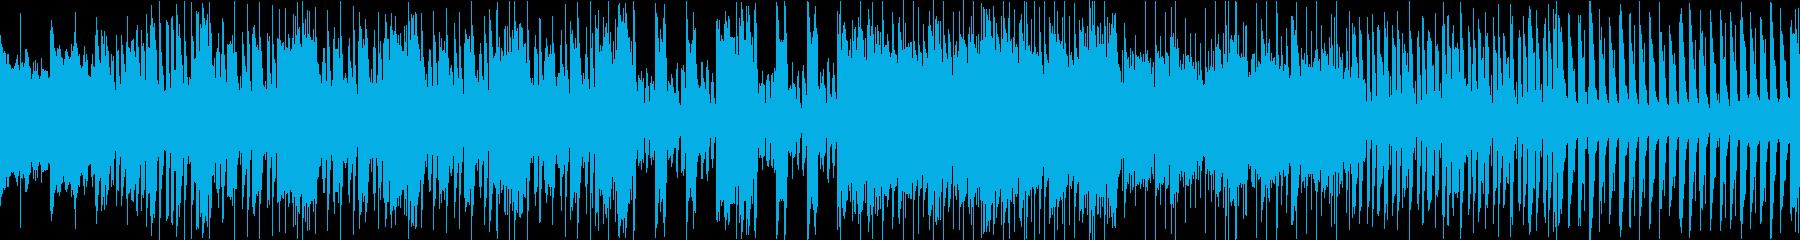 緊張感のあるプログレ戦闘曲/ループ可の再生済みの波形